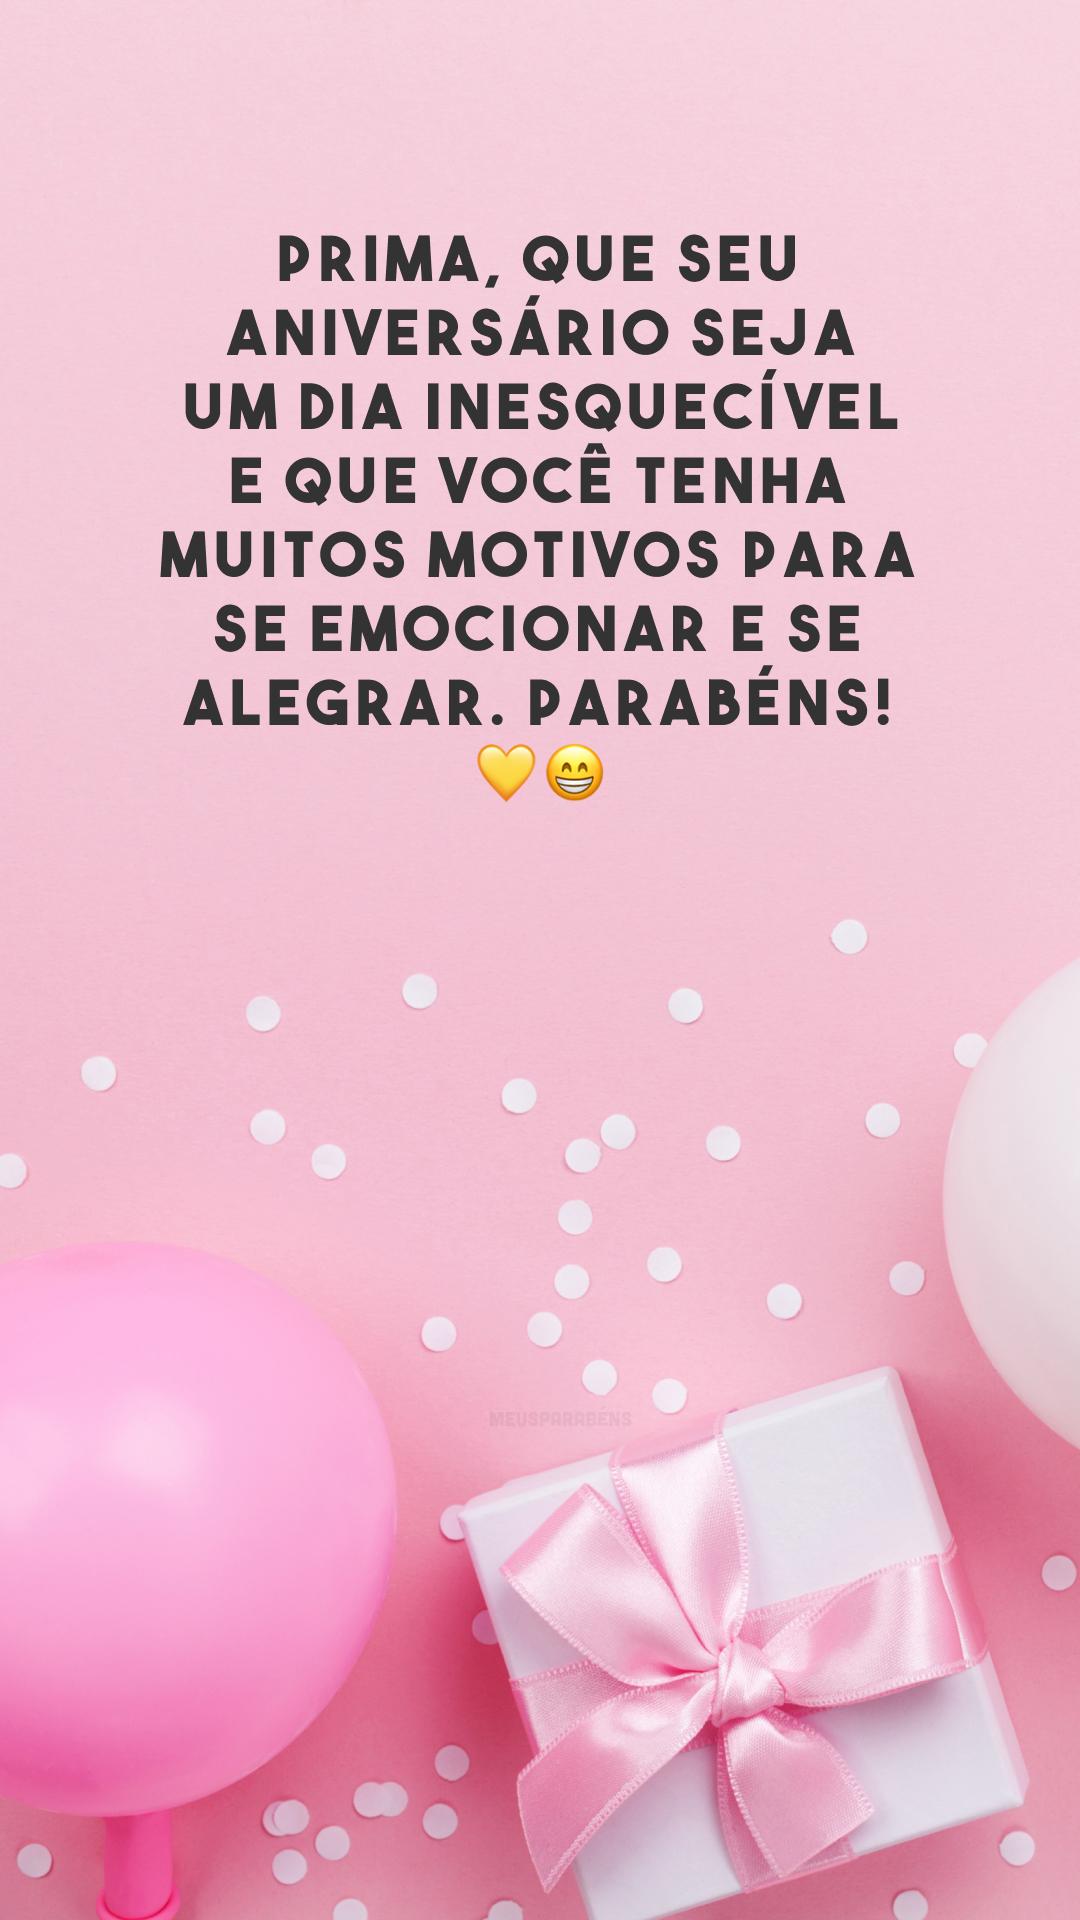 Prima, que seu aniversário seja um dia inesquecível e que você tenha muitos motivos para se emocionar e se alegrar. Parabéns! 💛😁